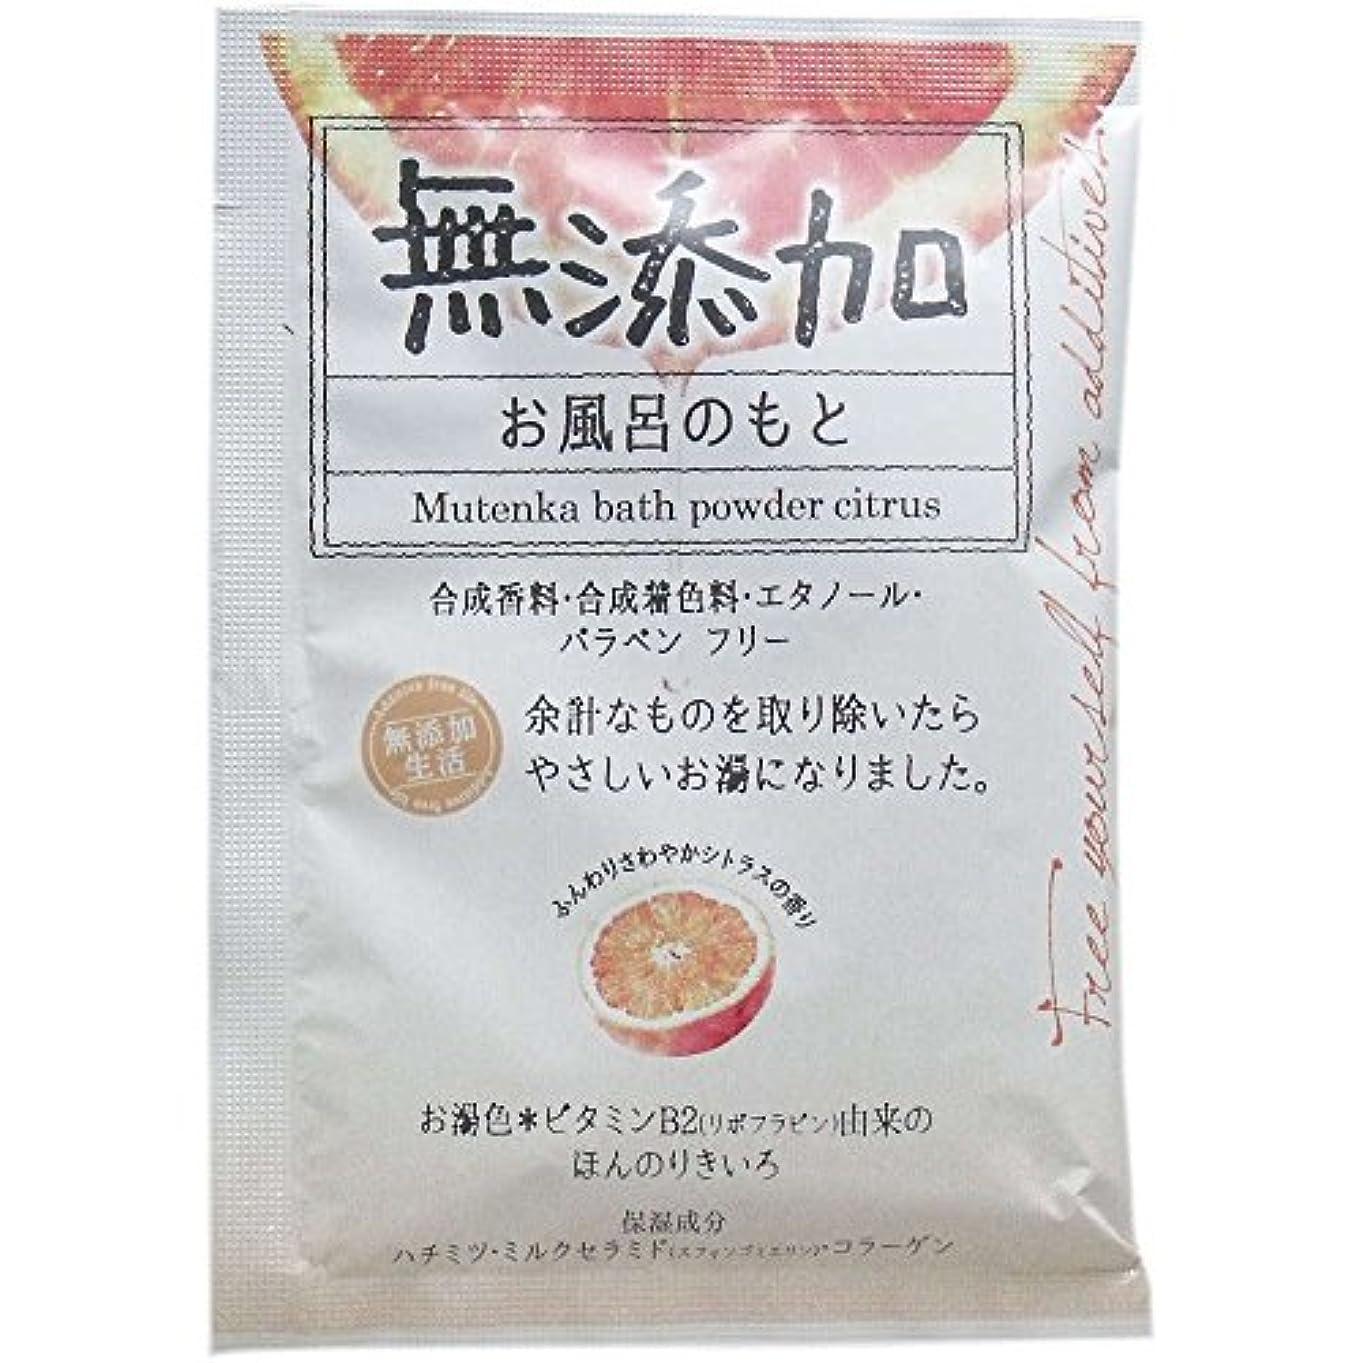 ループデュアル六月【入浴剤】 無添加 お風呂のもと バスパウダー シトラス 30g